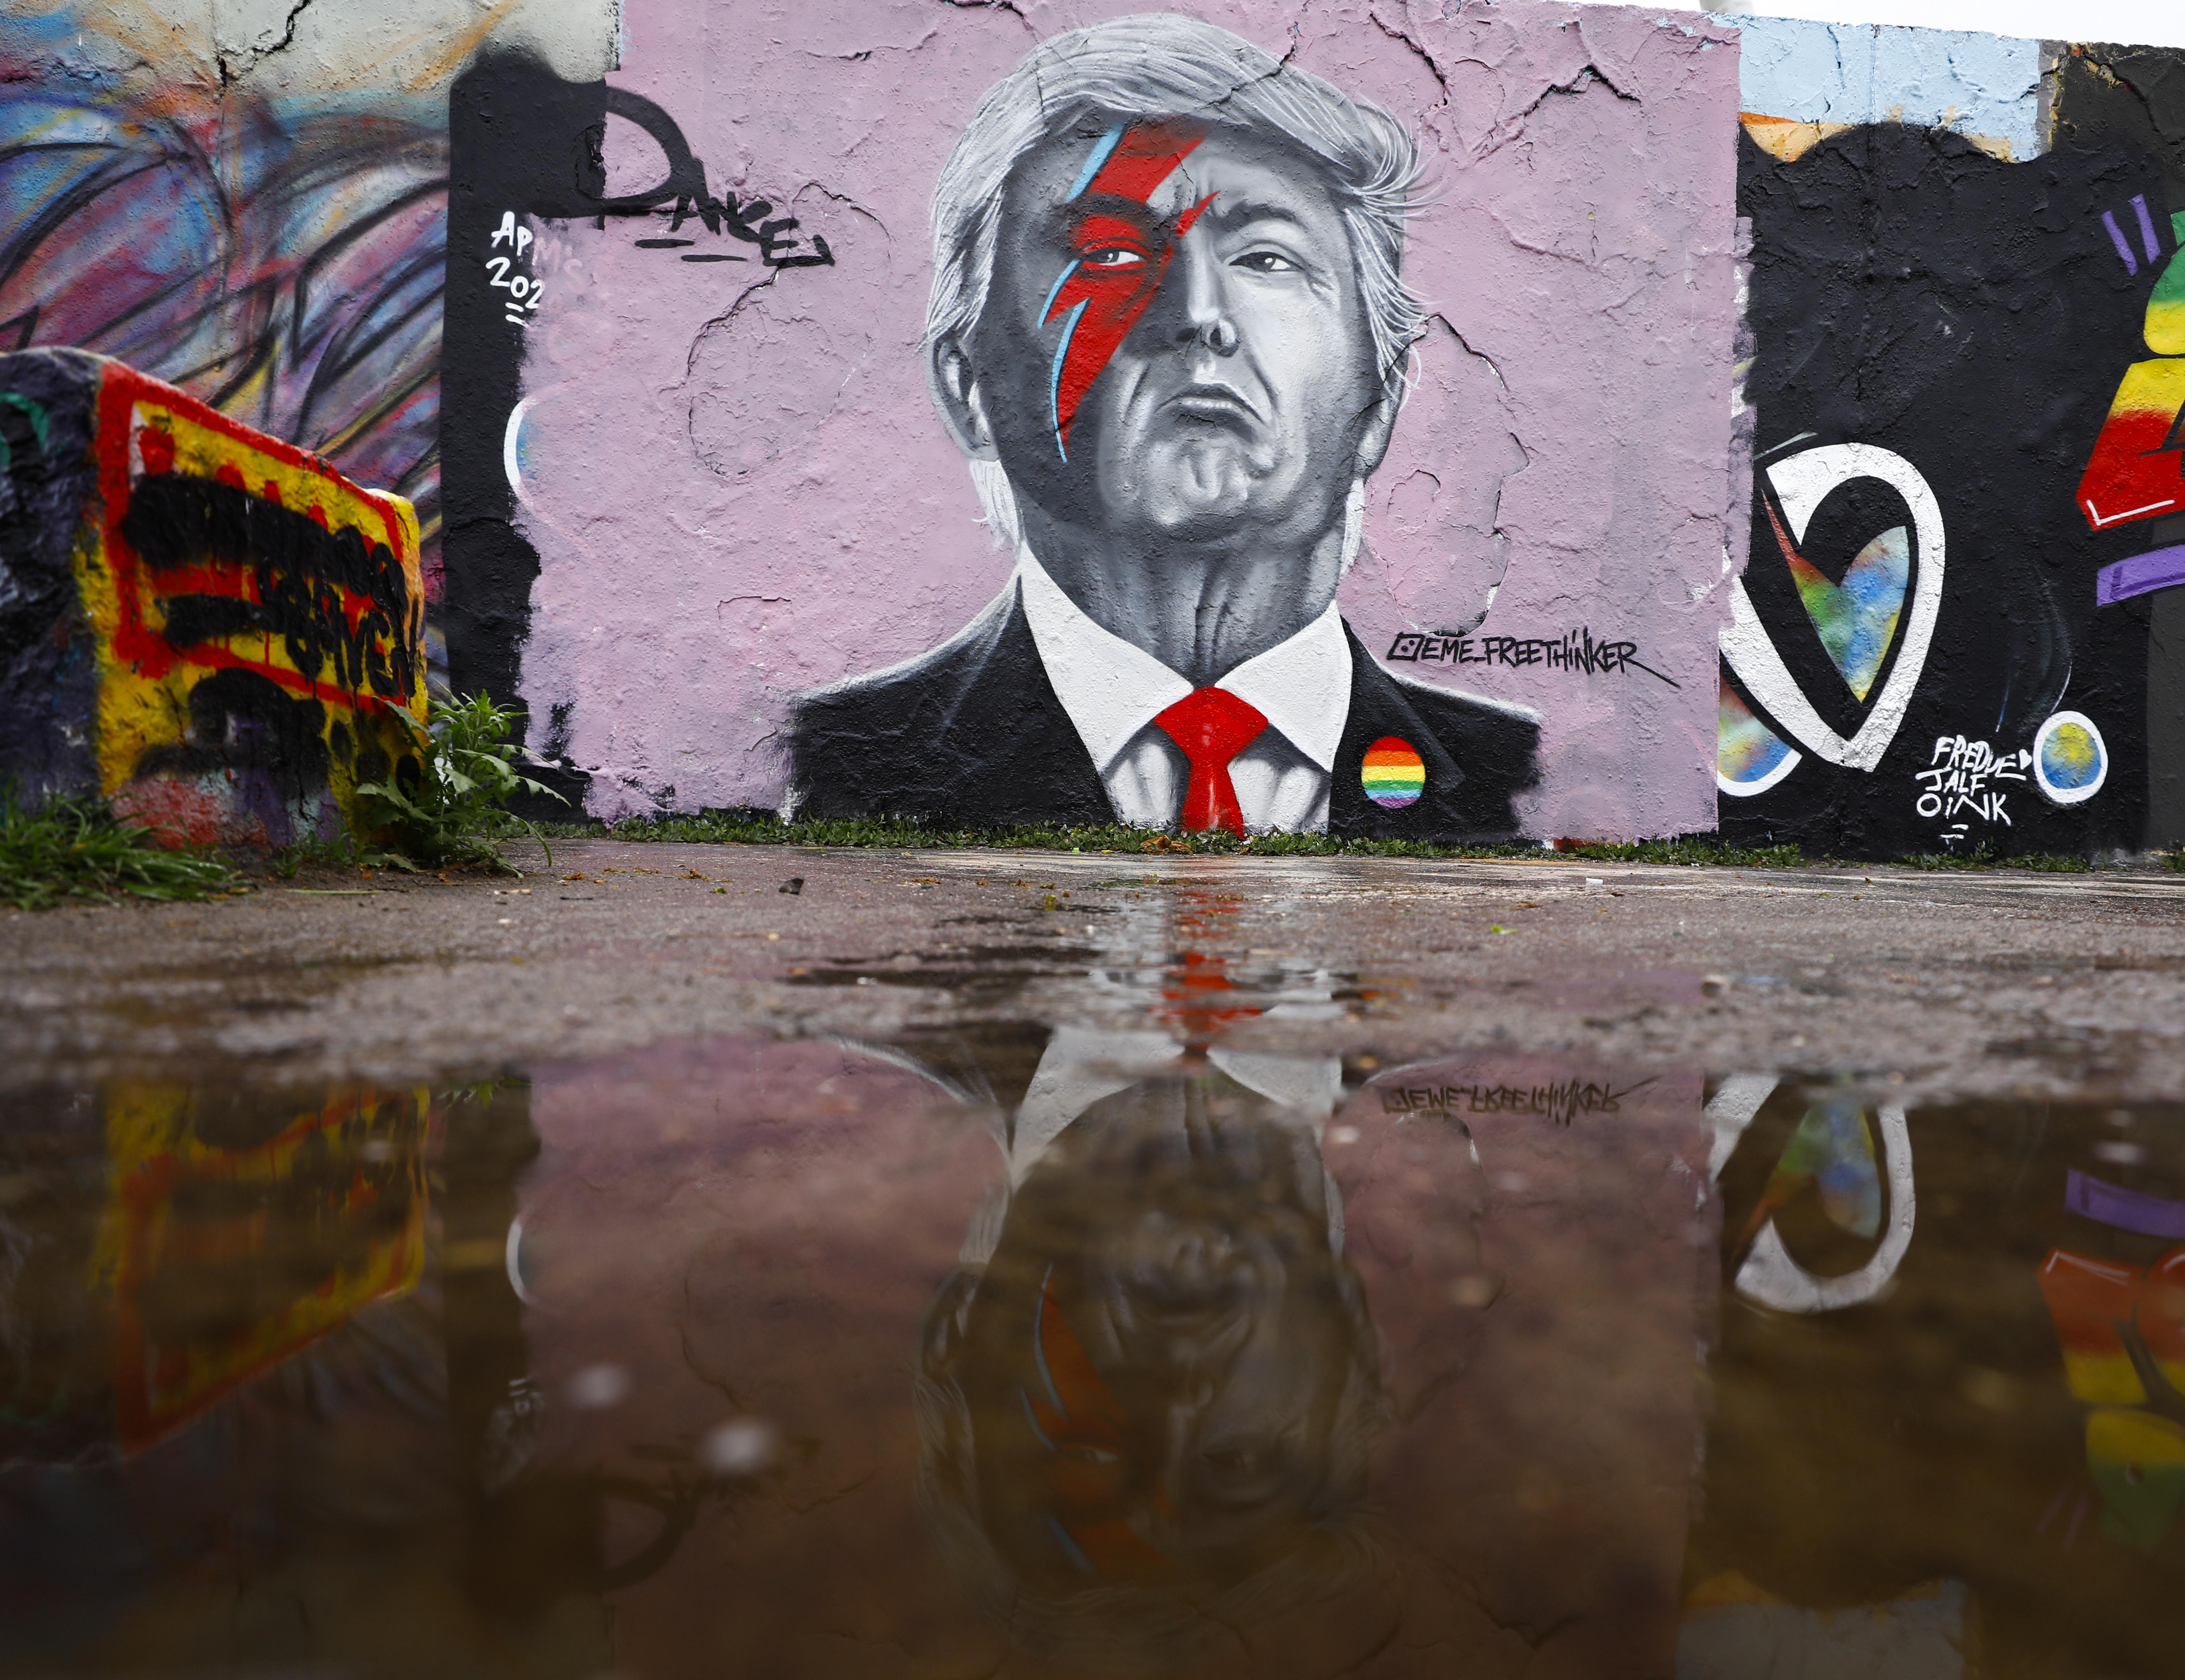 Az amerikaiak és a németek szerint is komolyabb szerepet kéne vállalniuk a világ bajainak megoldásában